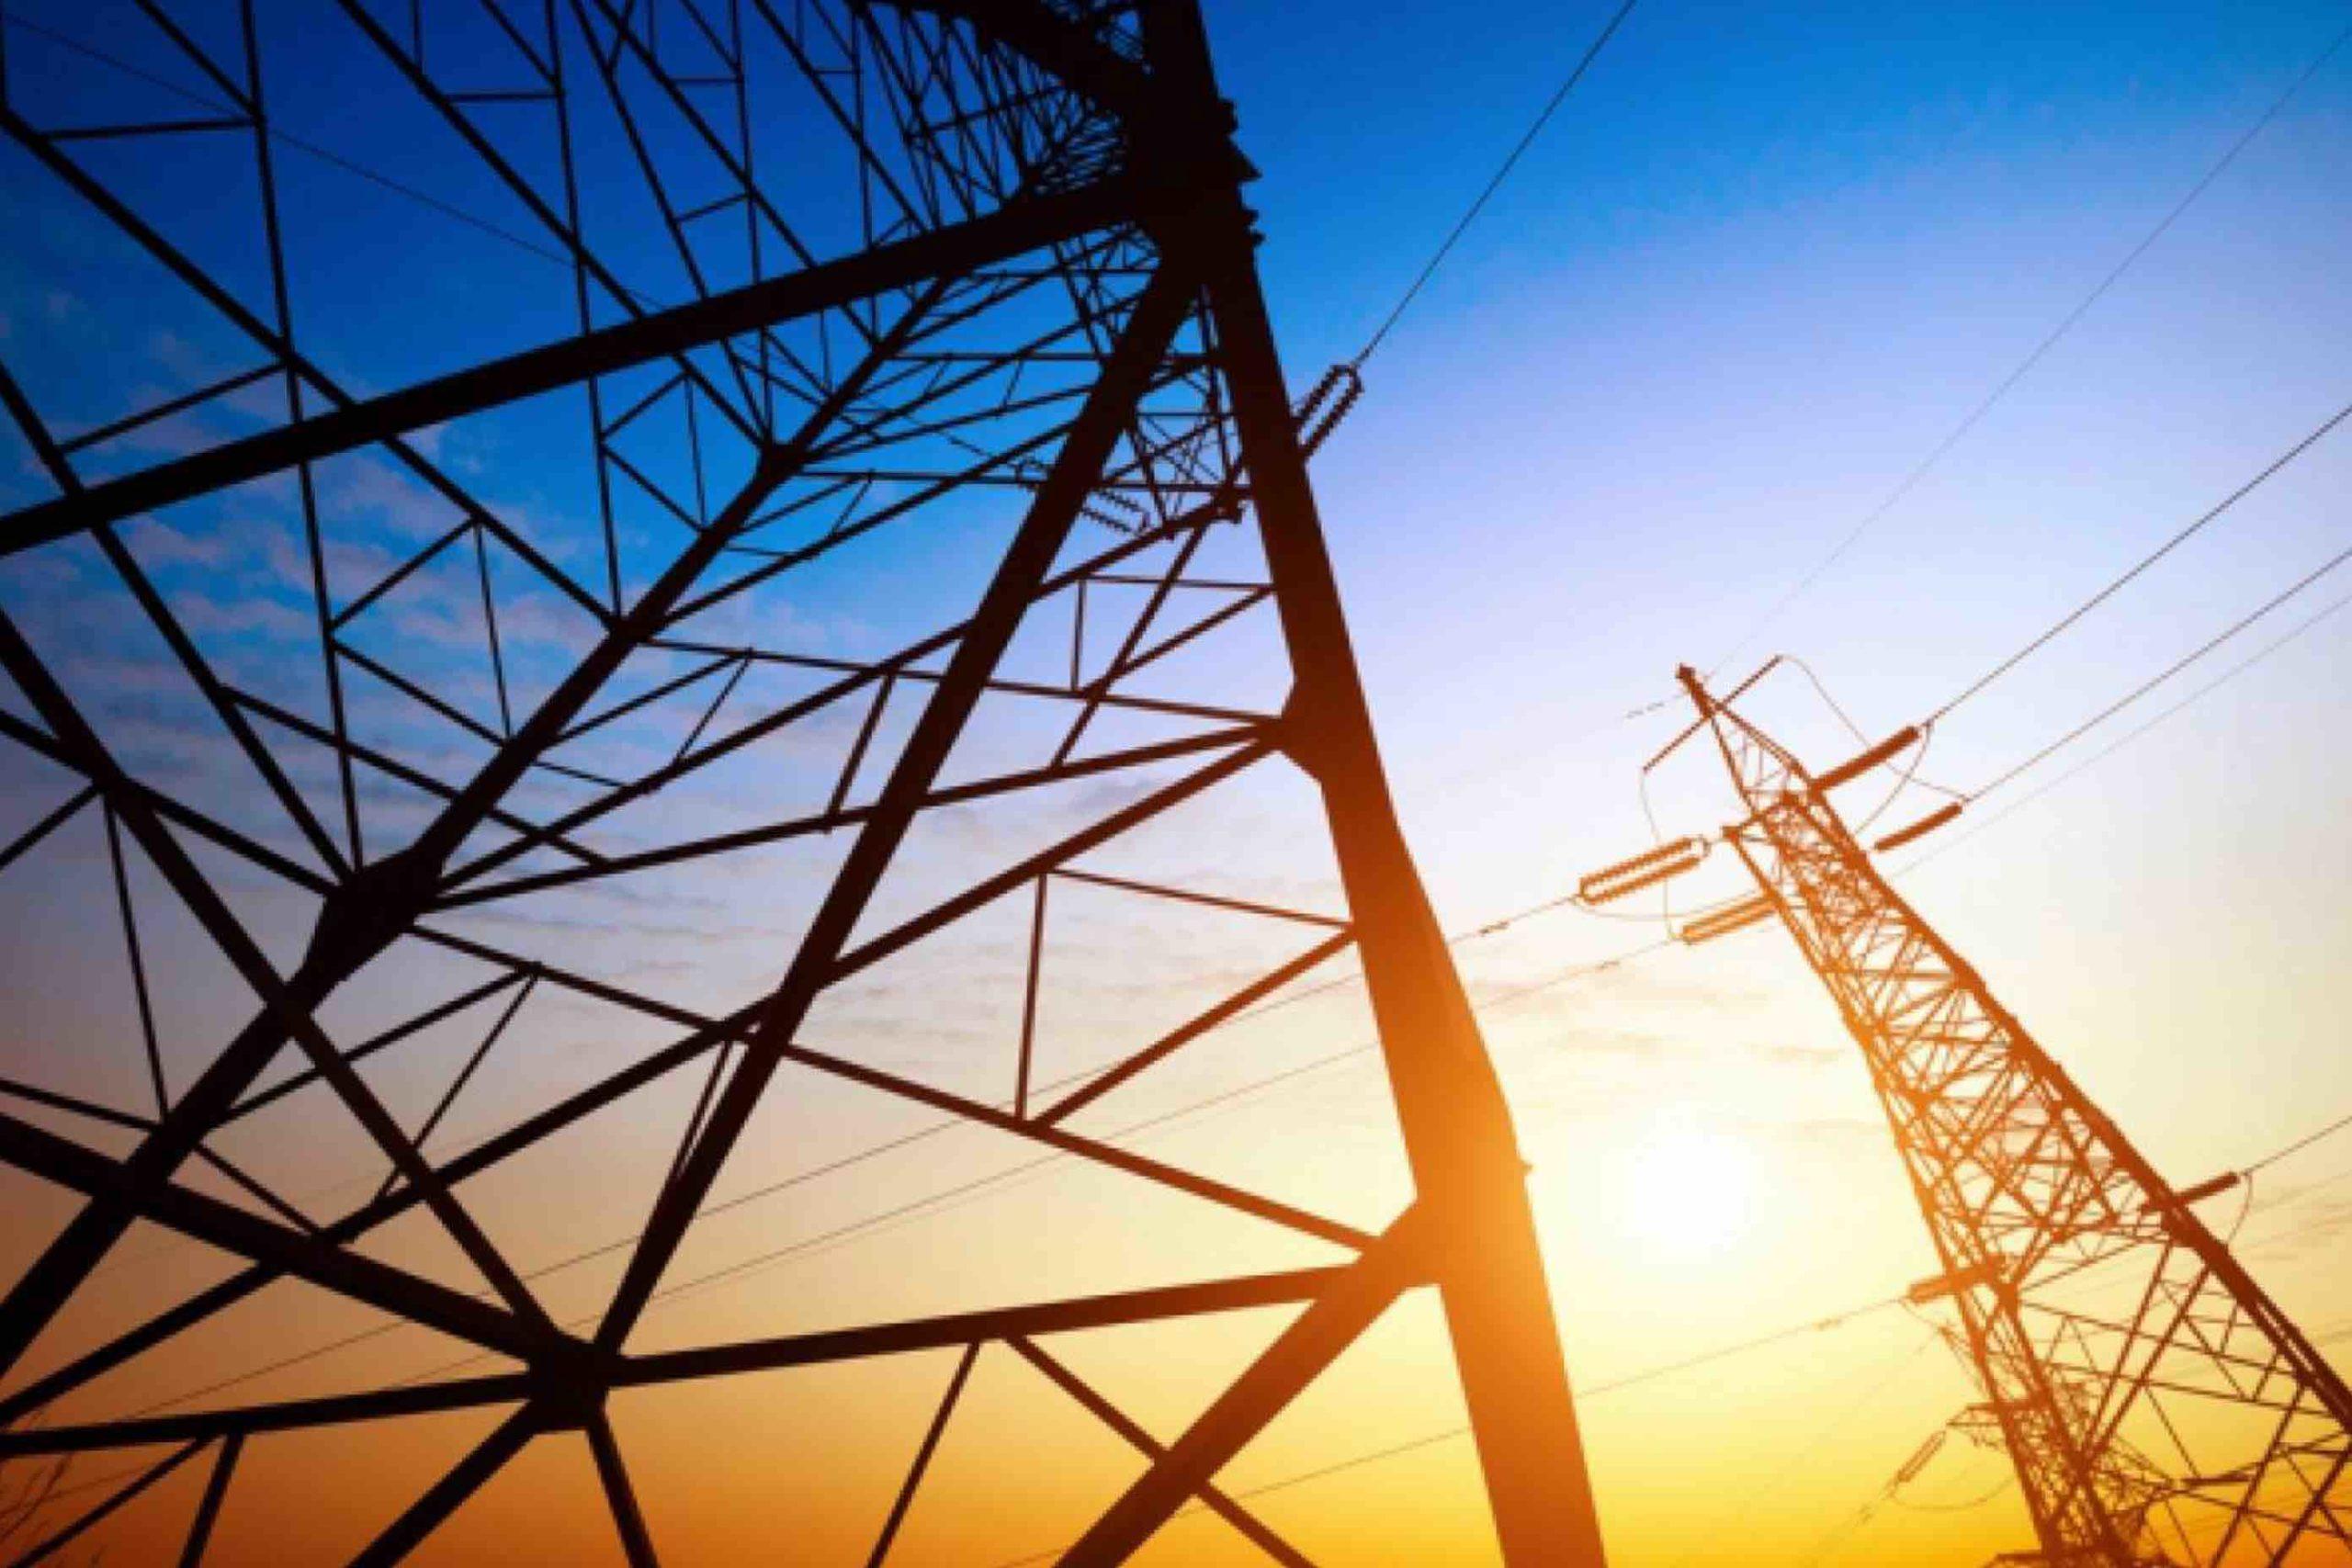 Электросетевое строительство. Организация и осуществление строительного контроля и внутреннего технического надзоров на объектах энергетики